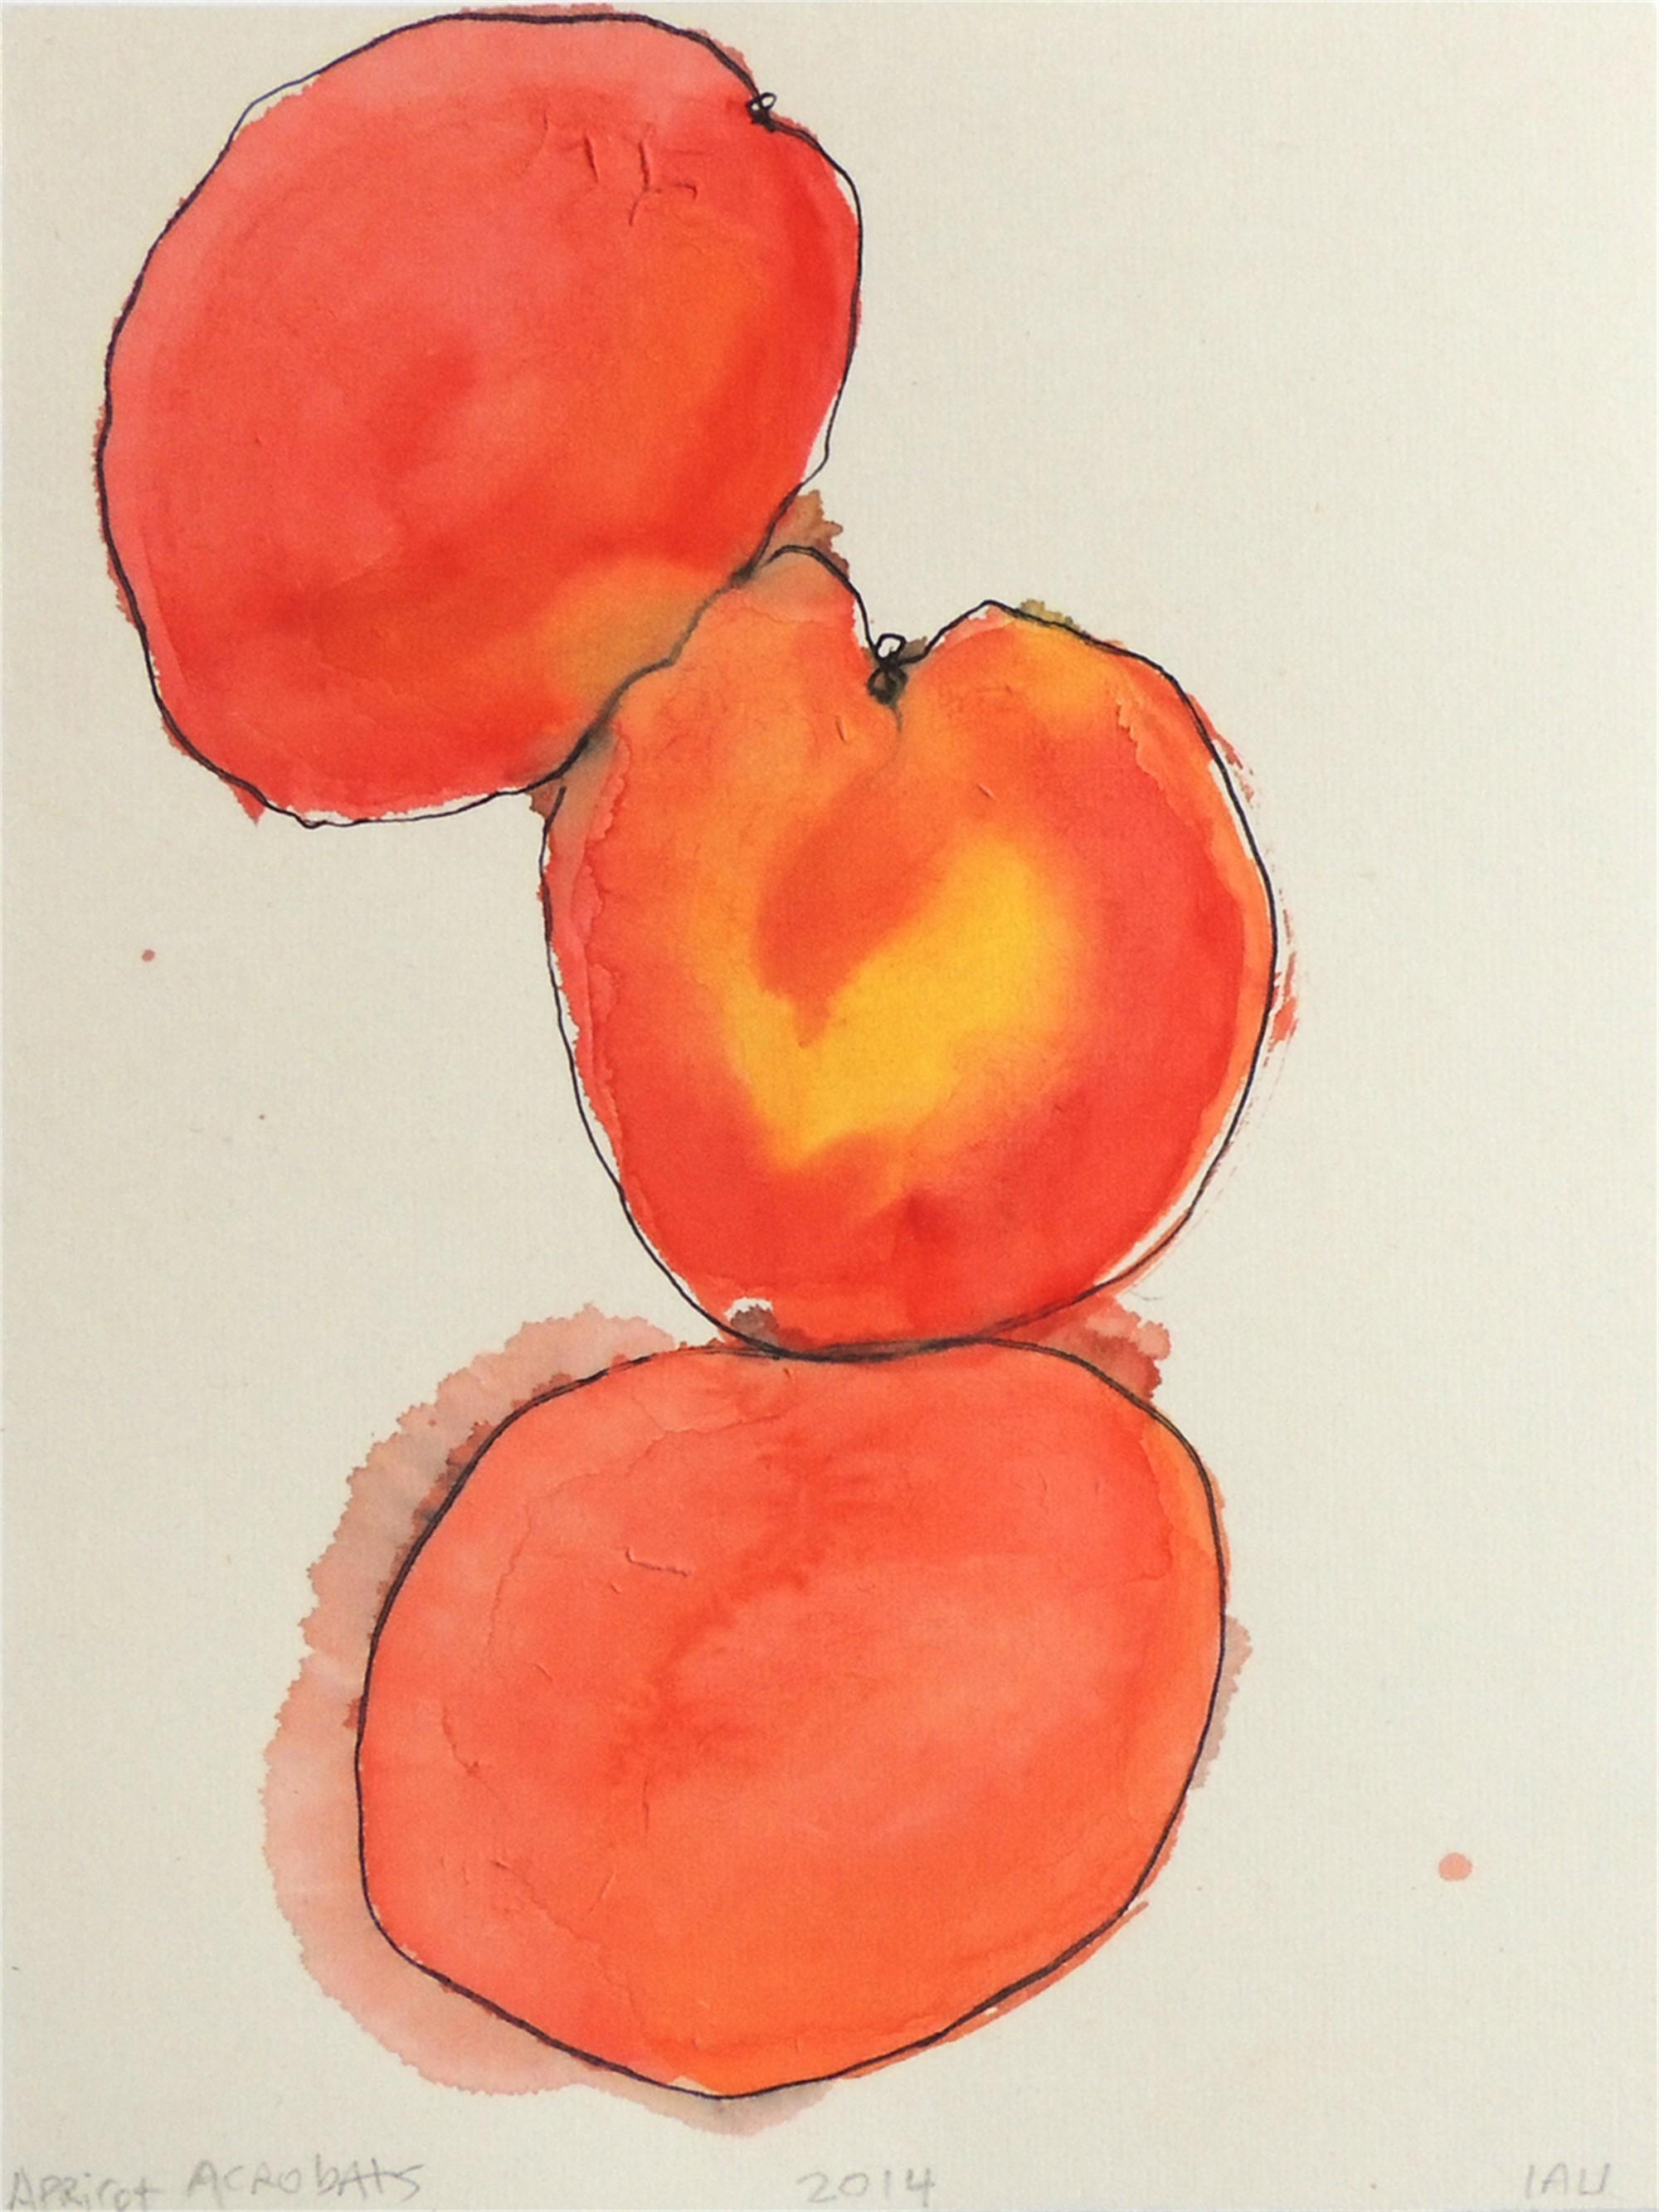 apricot acrobats by Alan Lau